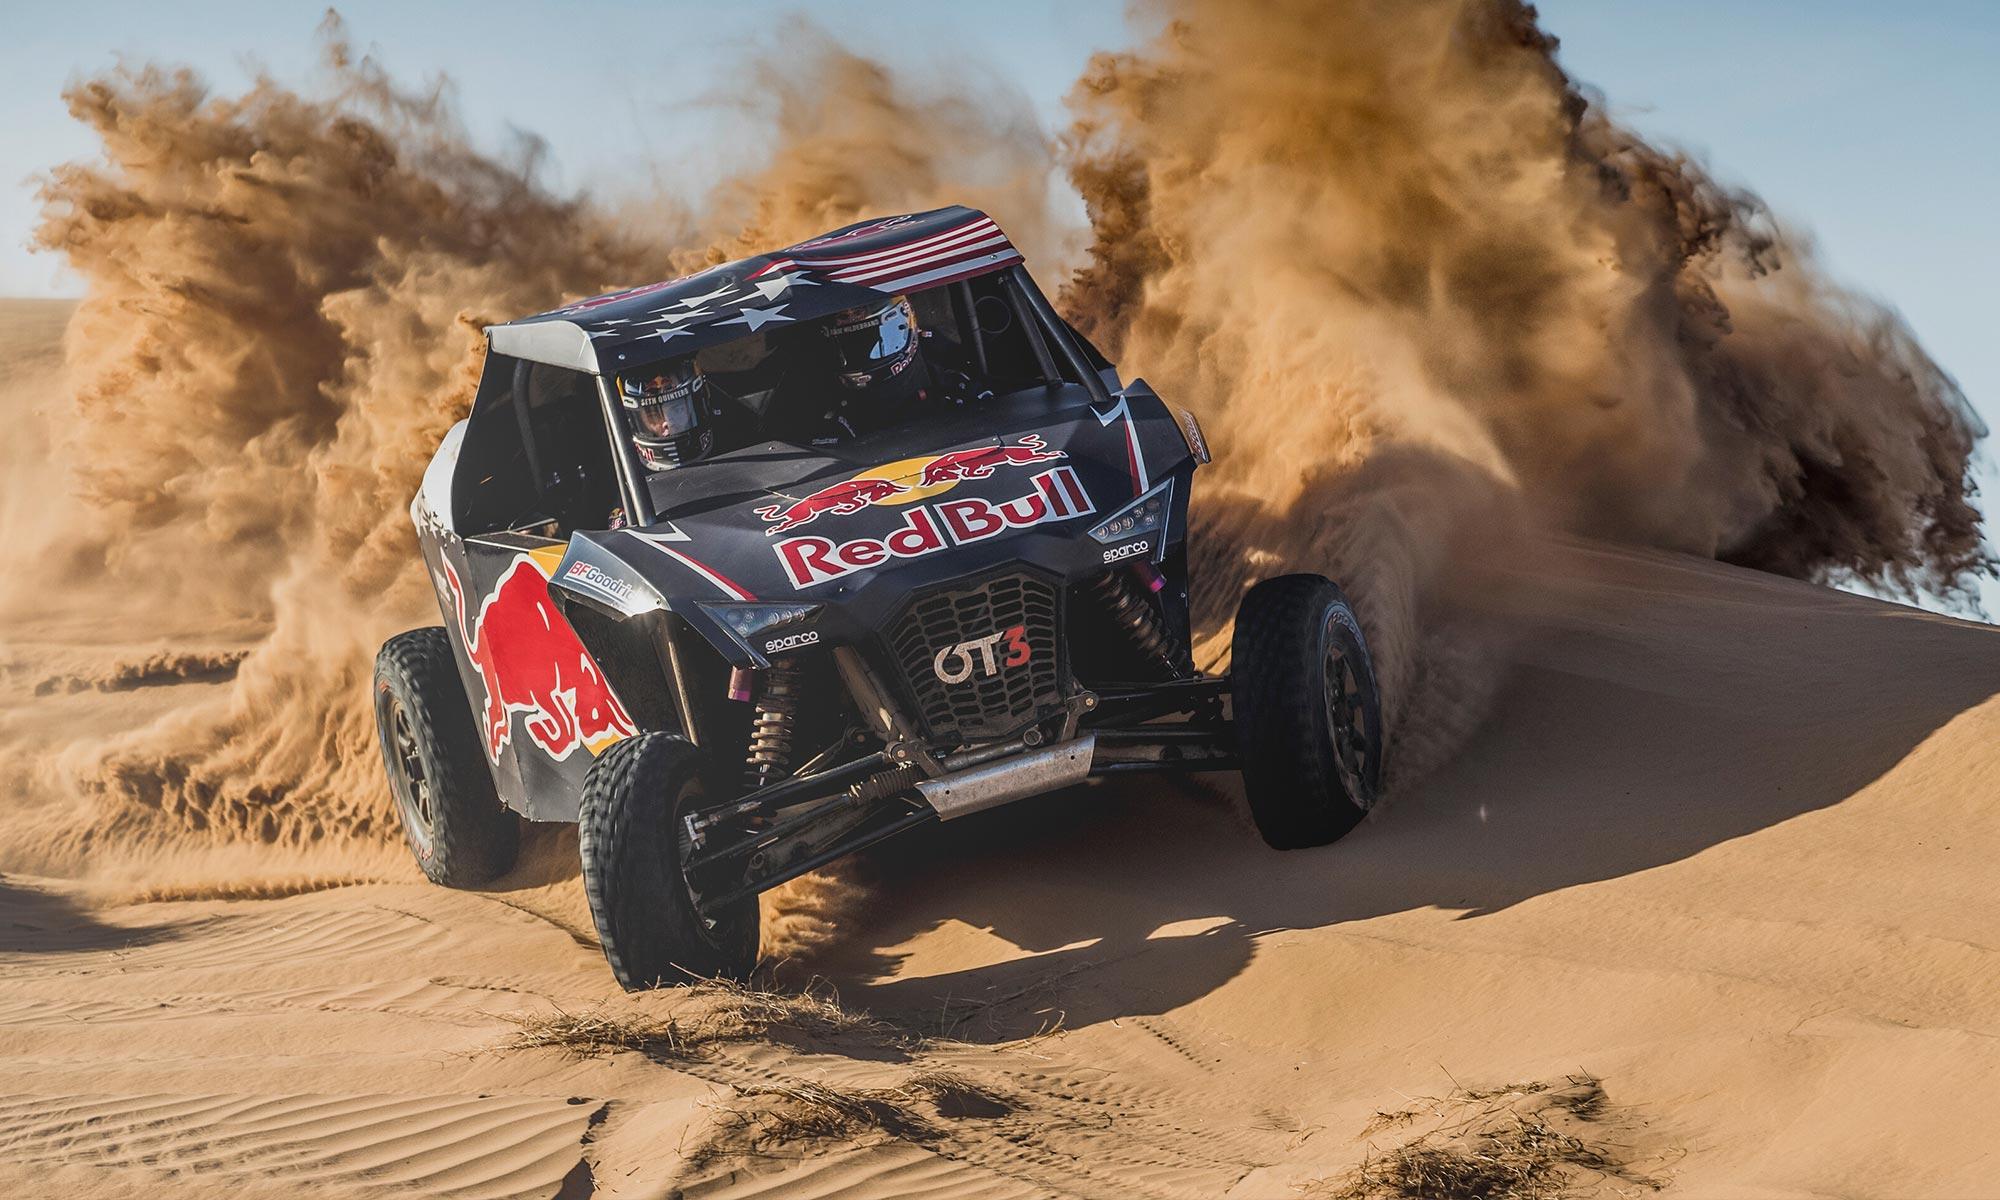 Buggy Red Bull de Cyril Despres